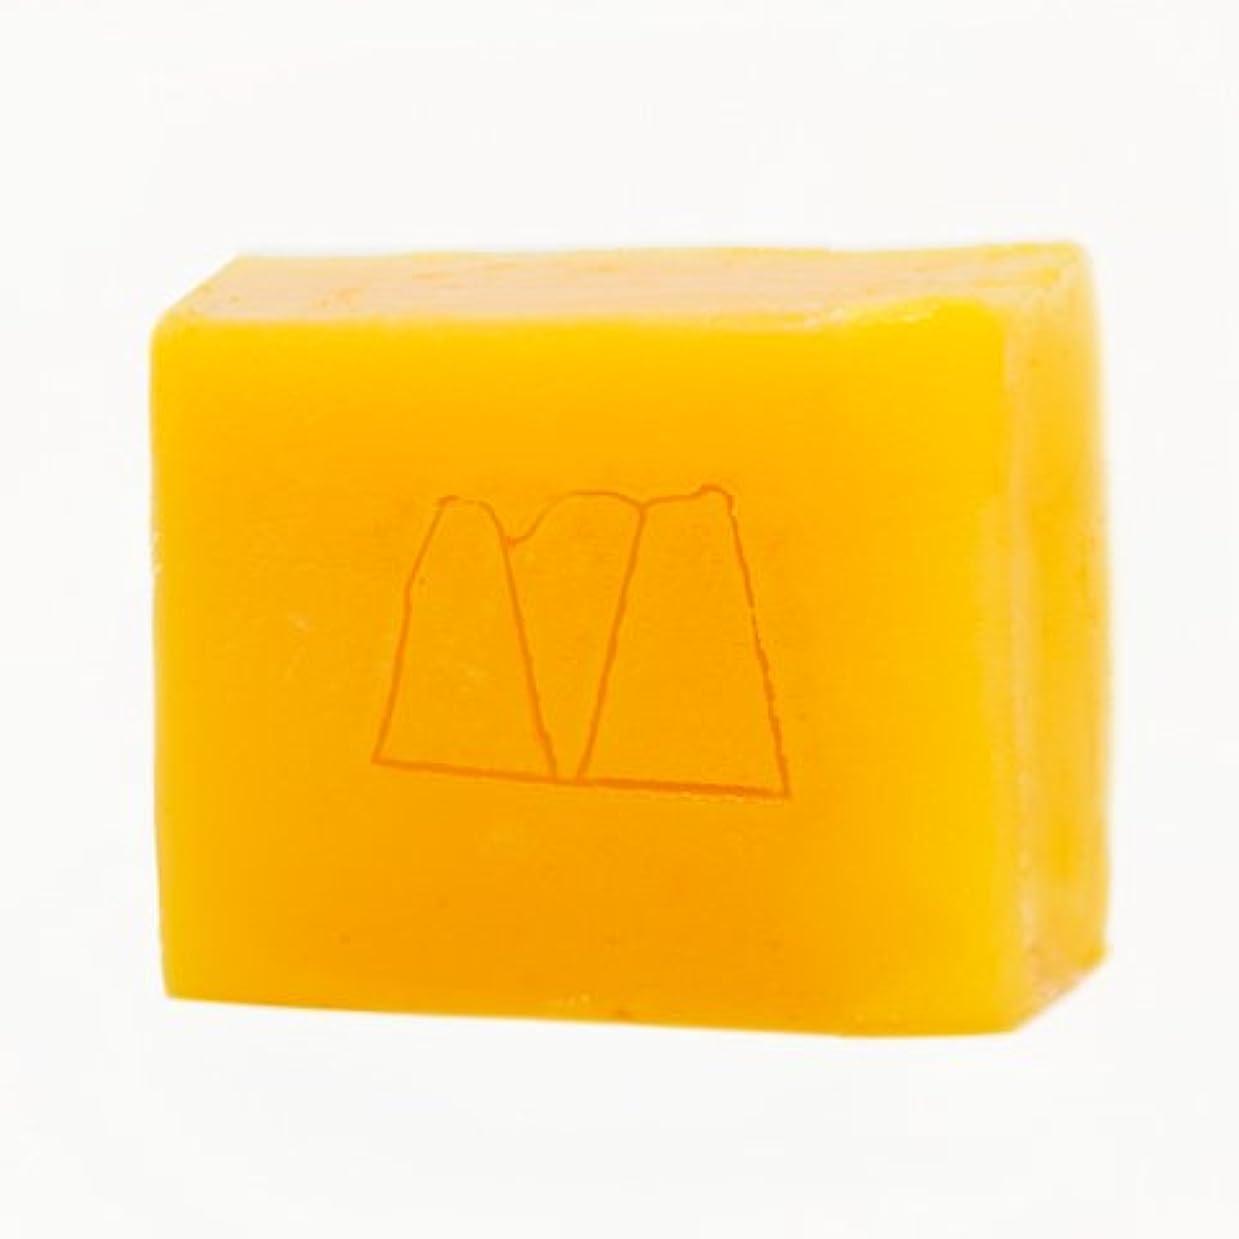 ディスコ交通渋滞サーフィンLALAHONEYグリーン&レモン石鹸